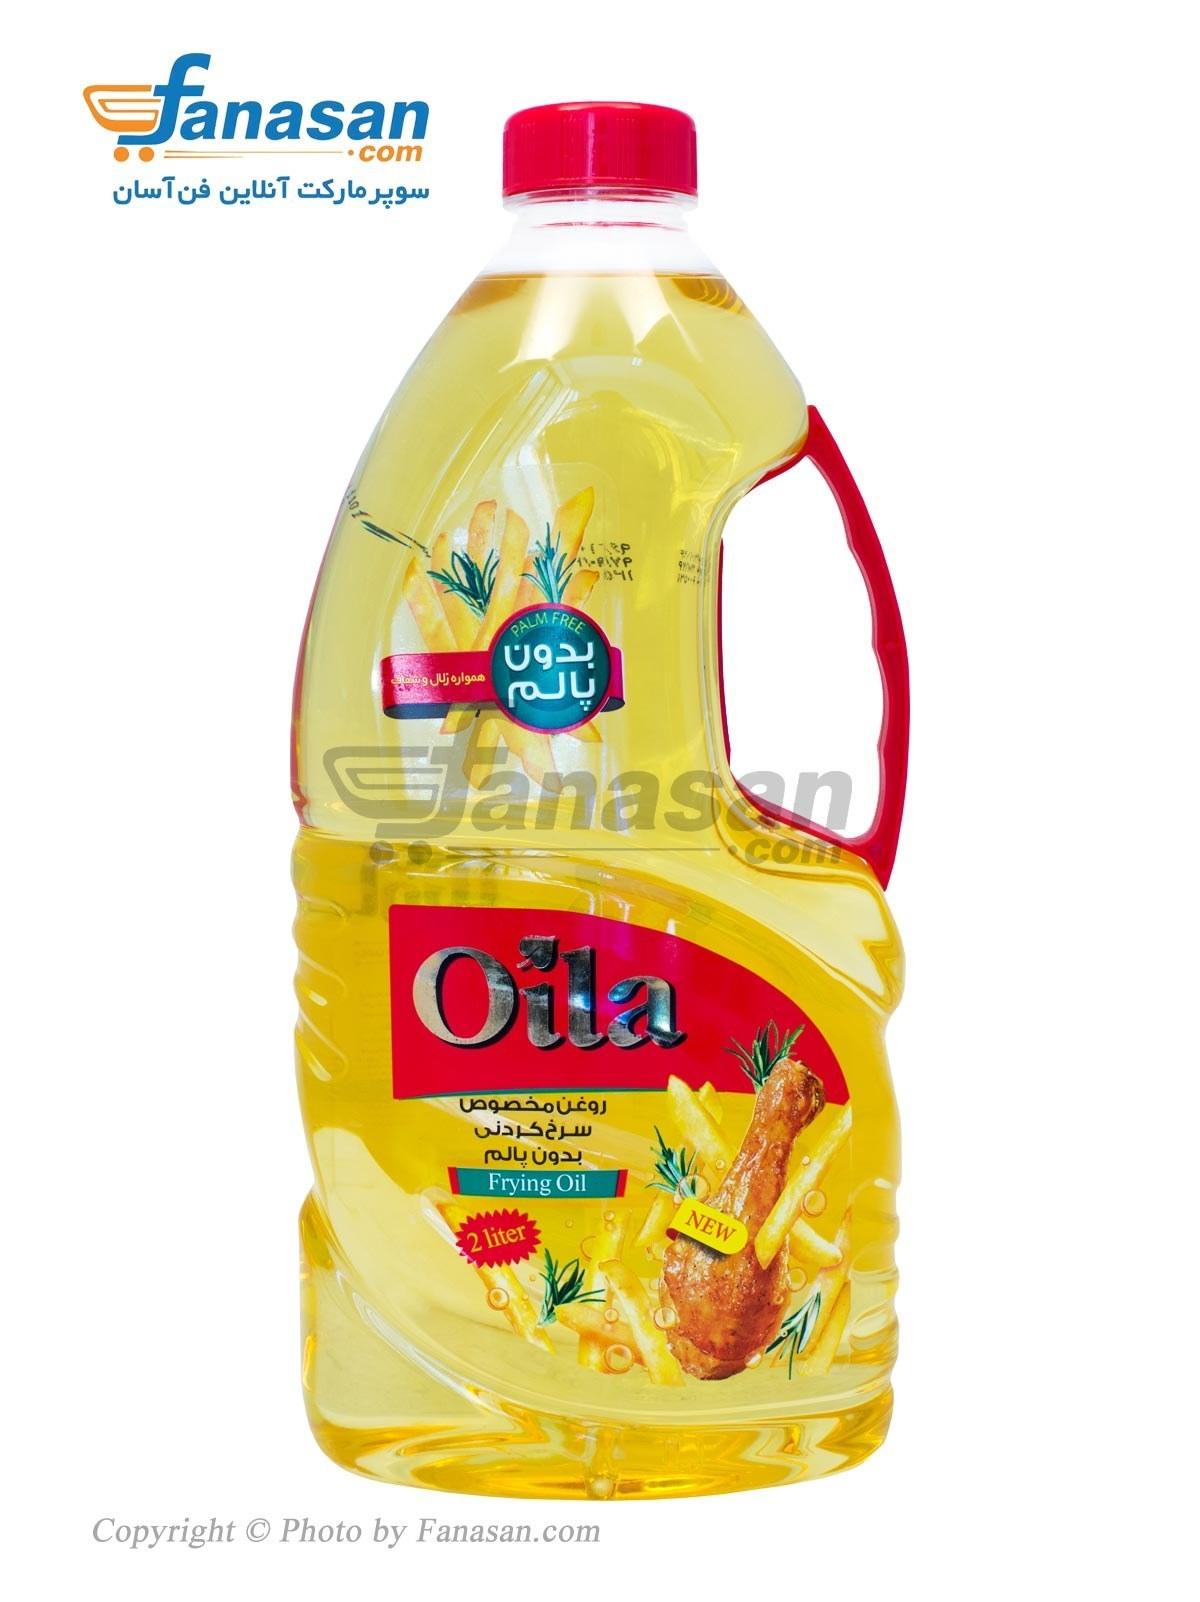 روغن مایع اویلا مخصوص سرخ کردنی بدون پالم 1800 گرم   Oila frying oil palm free 2000 ml